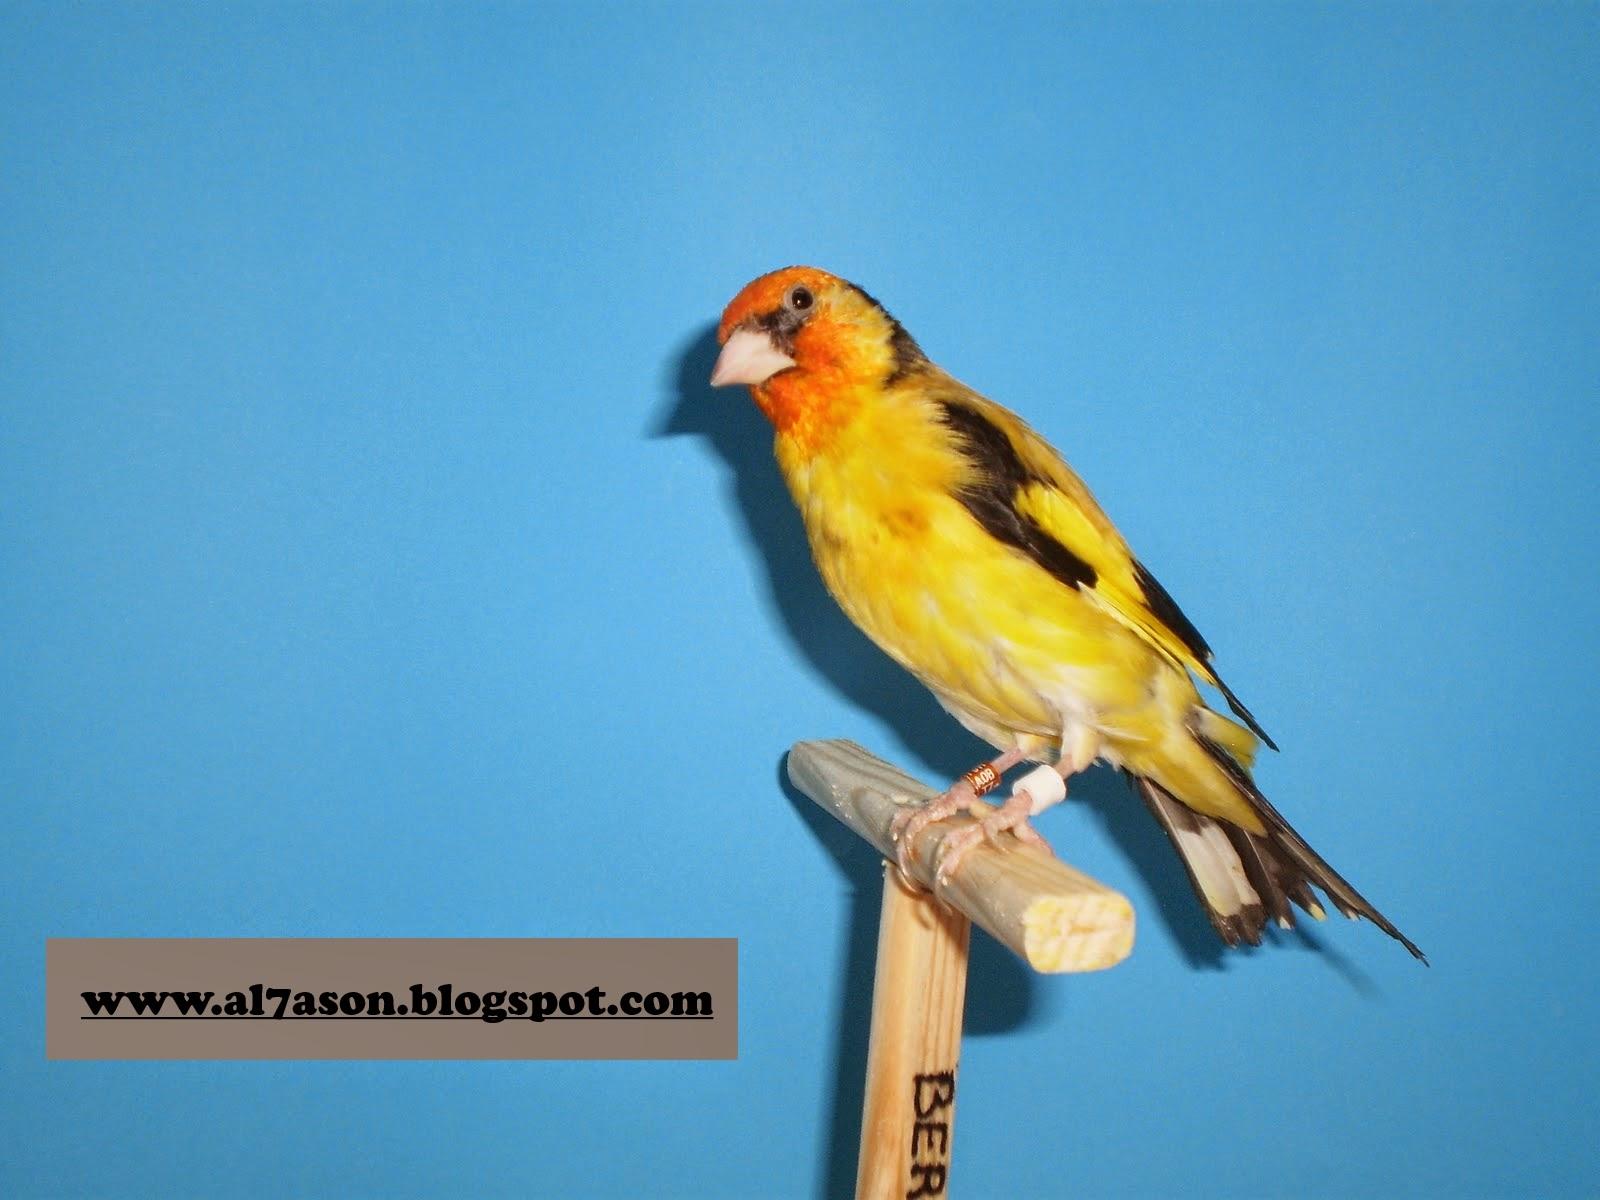 طائر الحسون,  الطفرة عند طائر الحسون,  طفرة الراس الابيض عند الحسون